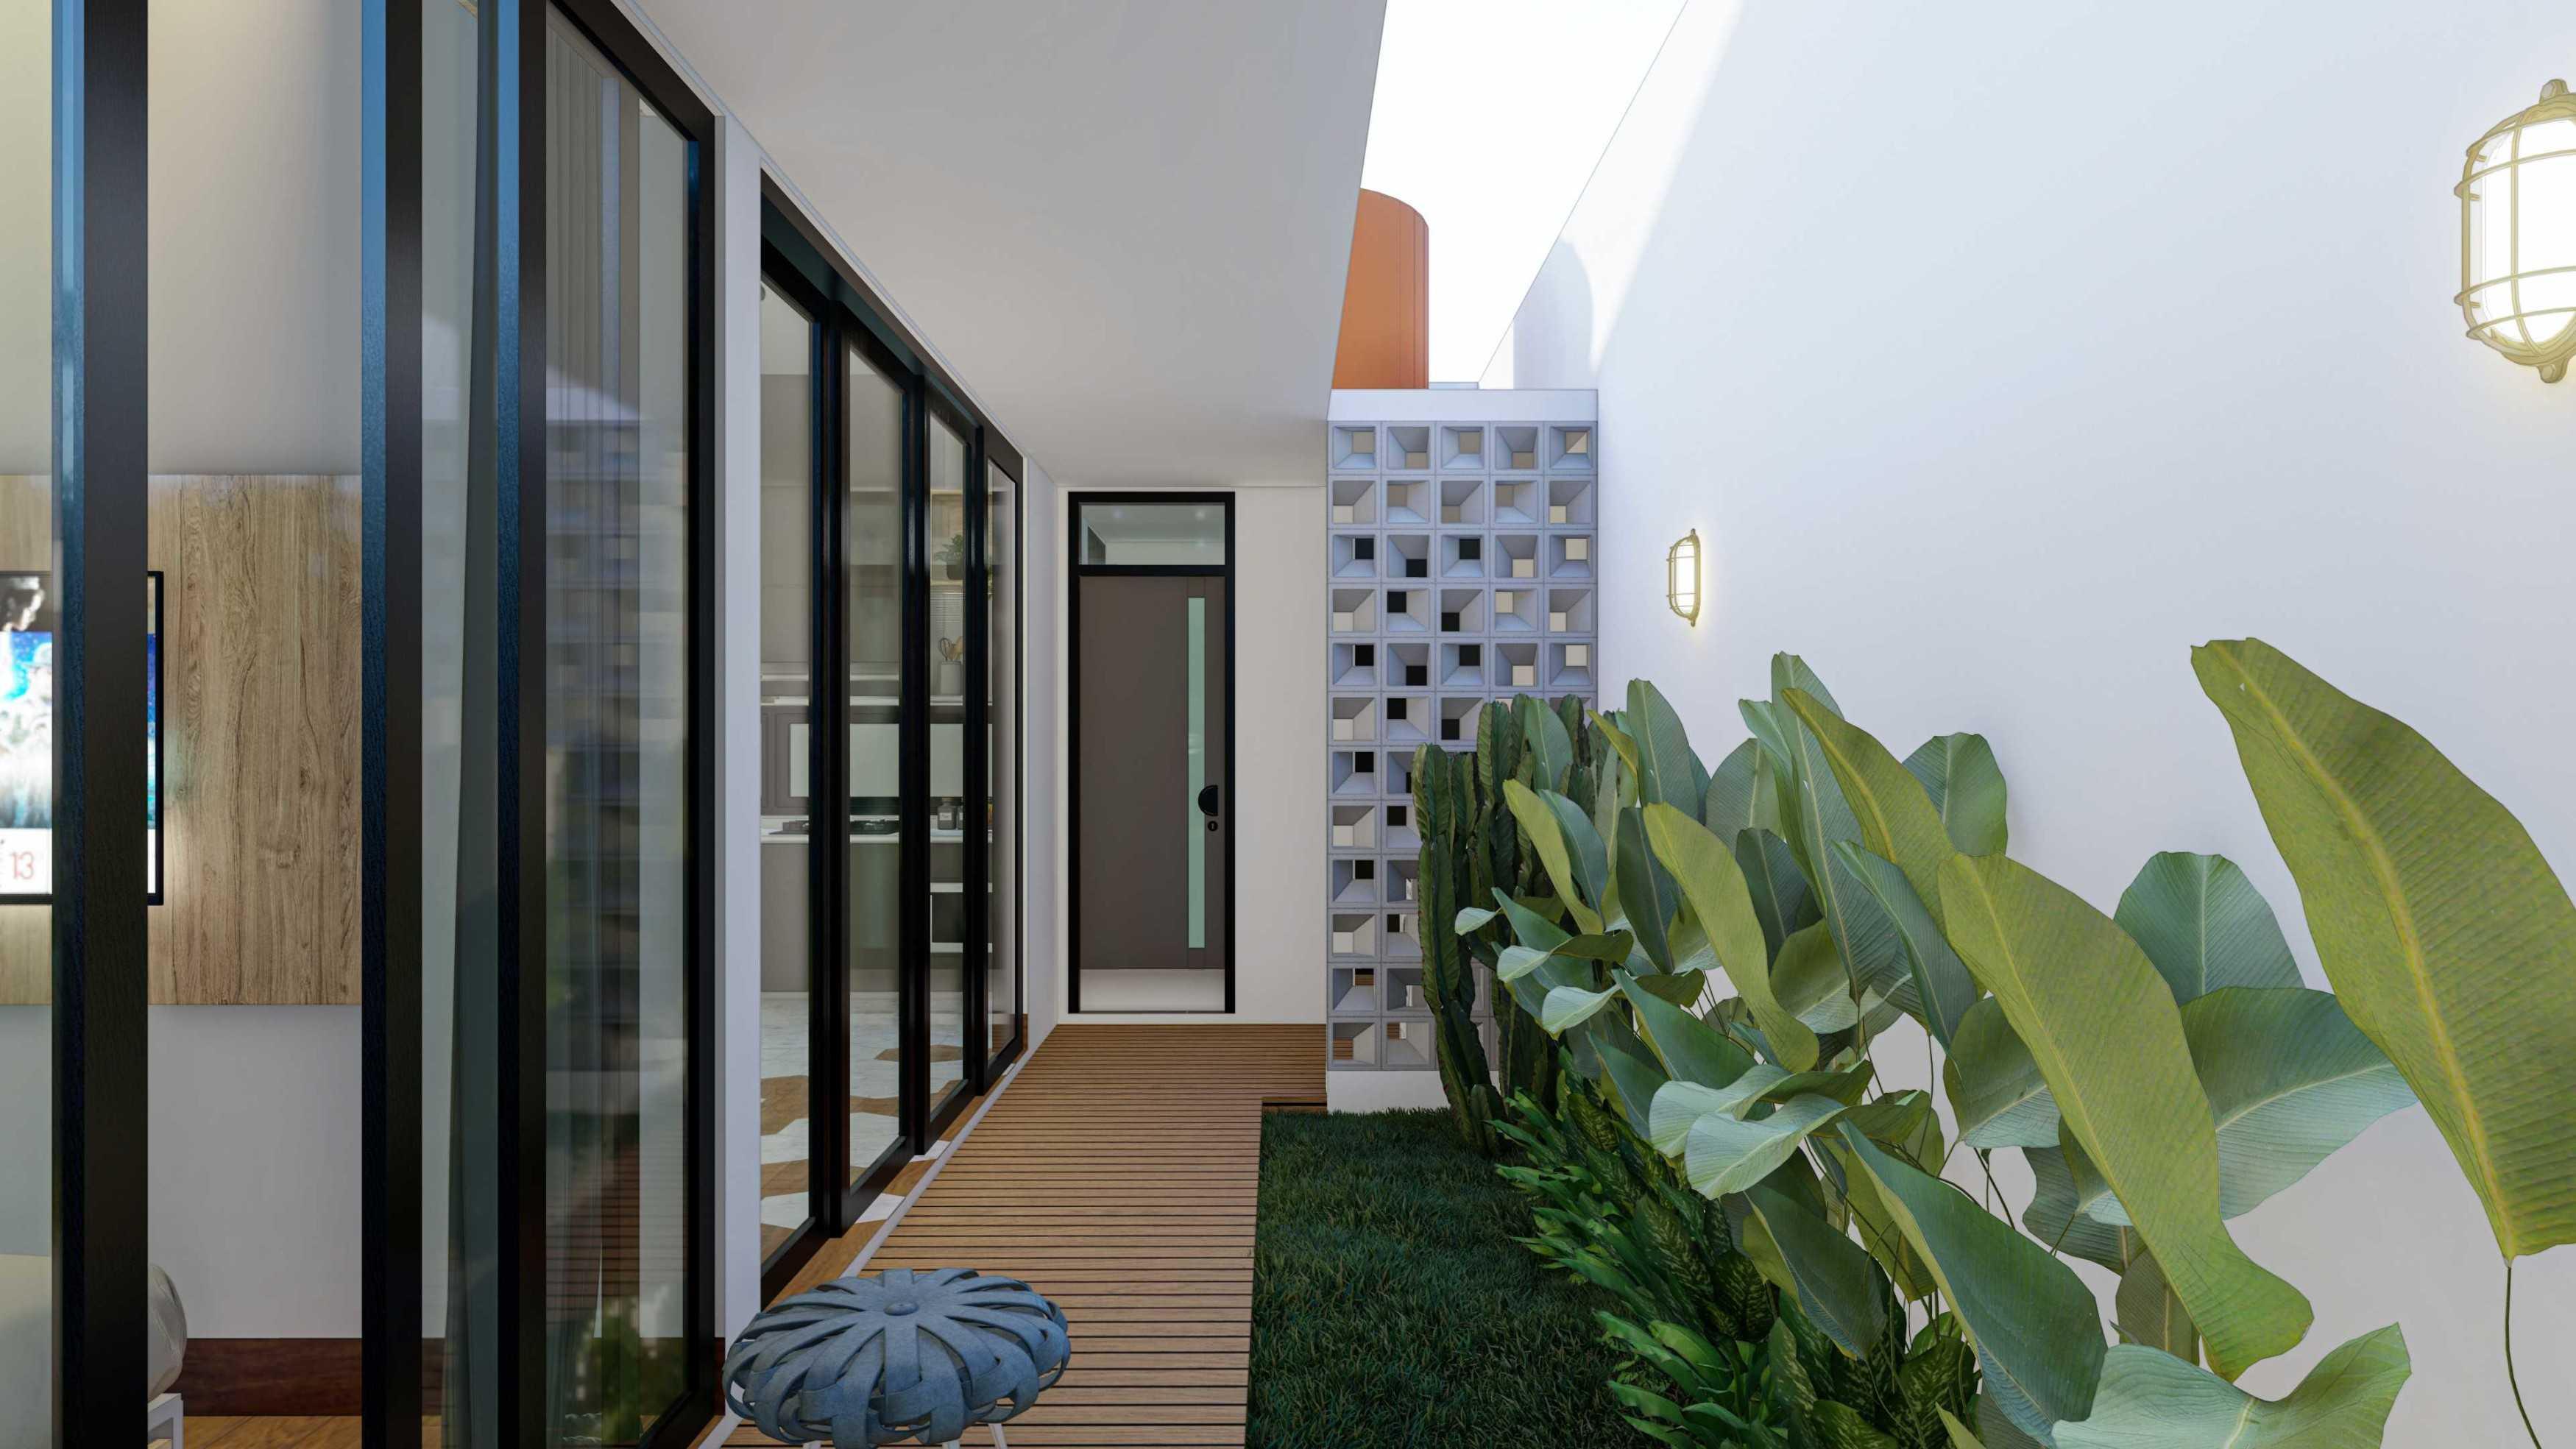 Iap Architect Ip House (Desain) Padang, Kota Padang, Sumatera Barat, Indonesia Padang, Kota Padang, Sumatera Barat, Indonesia Iap-Architect-Ip-House-Desain   127440